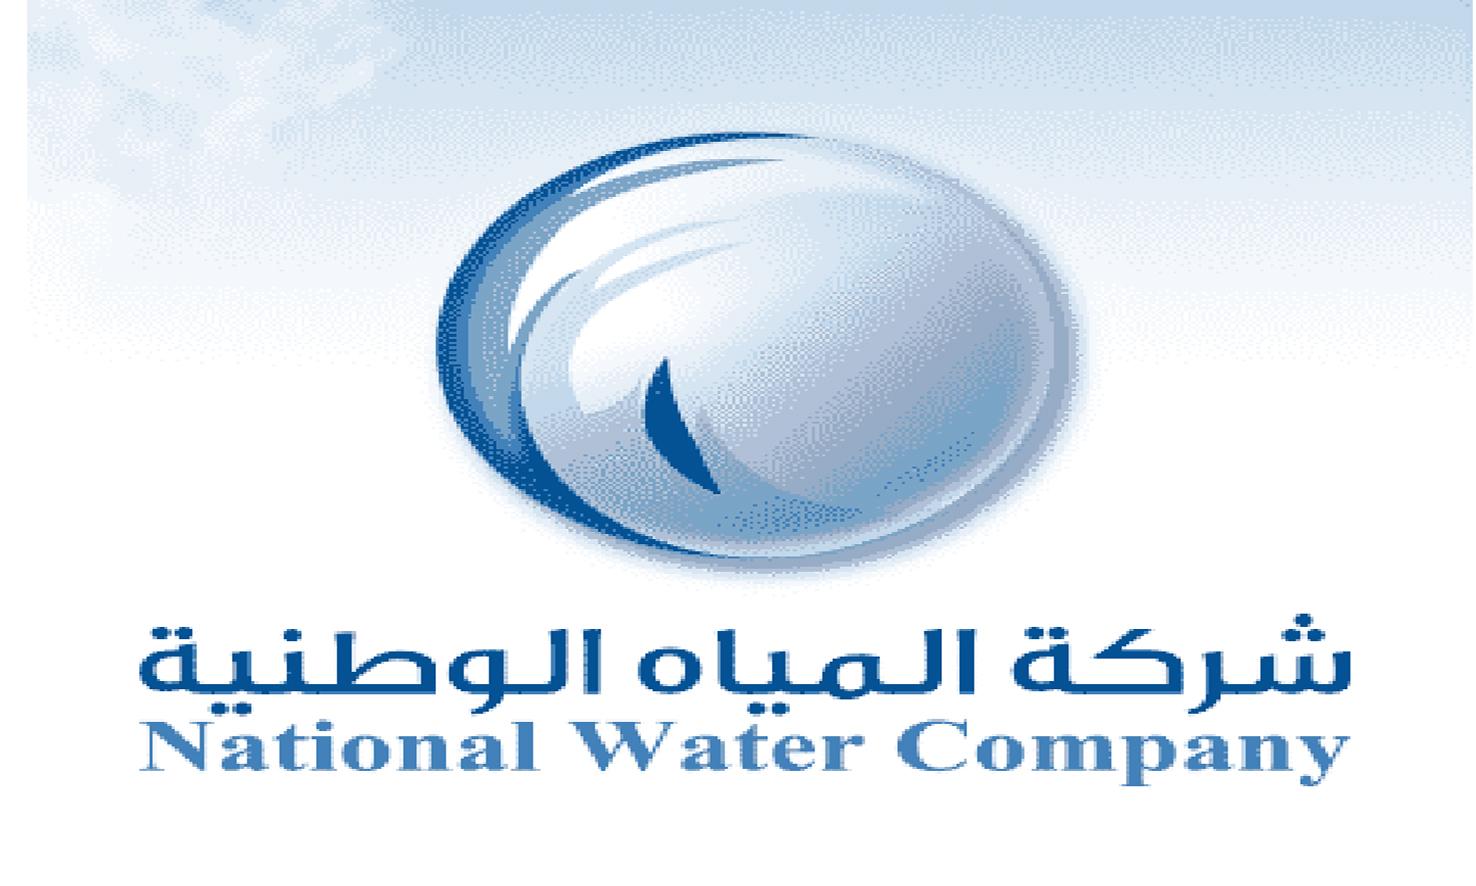 وظائف شاغرة توفرها شركة المياه الوطنية